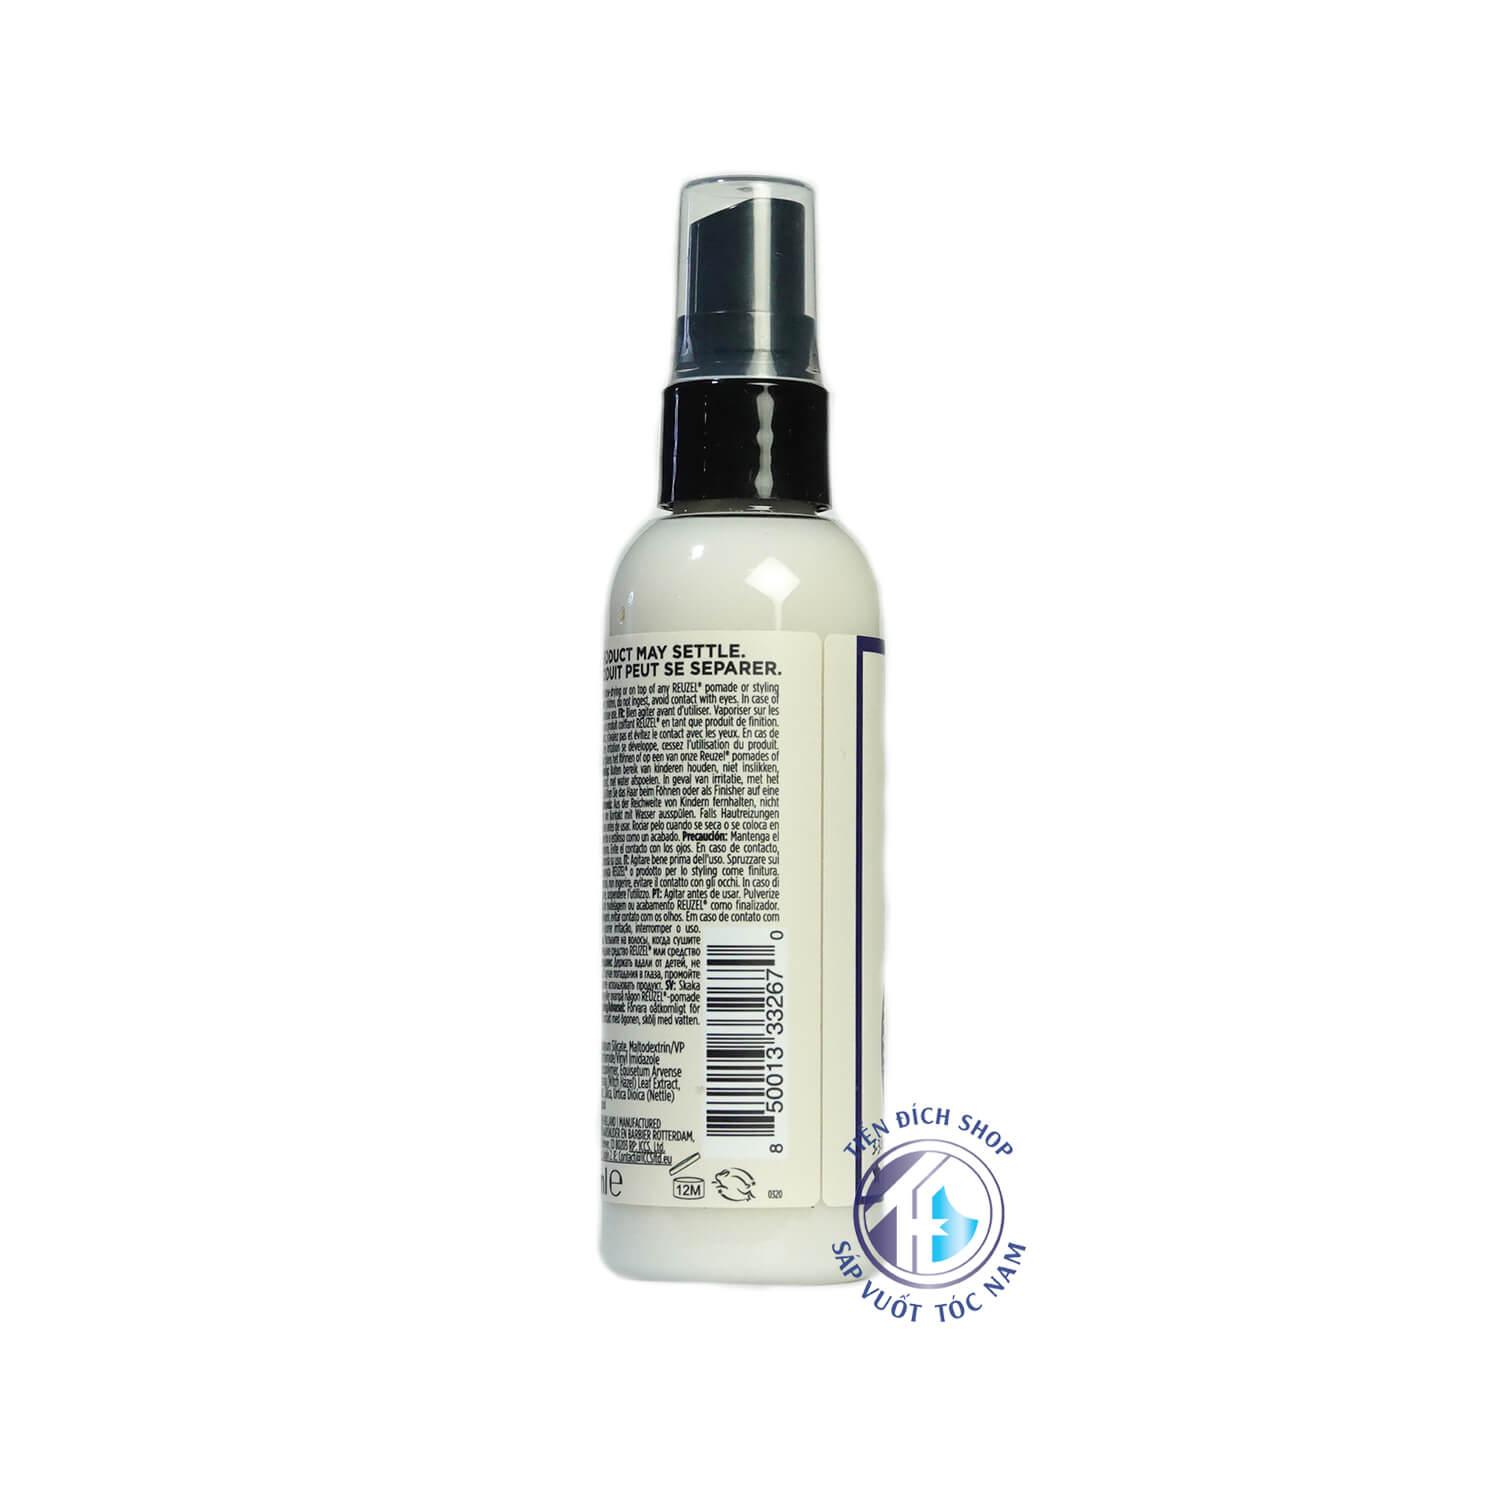 Prestyling Reuzel Spray Clay